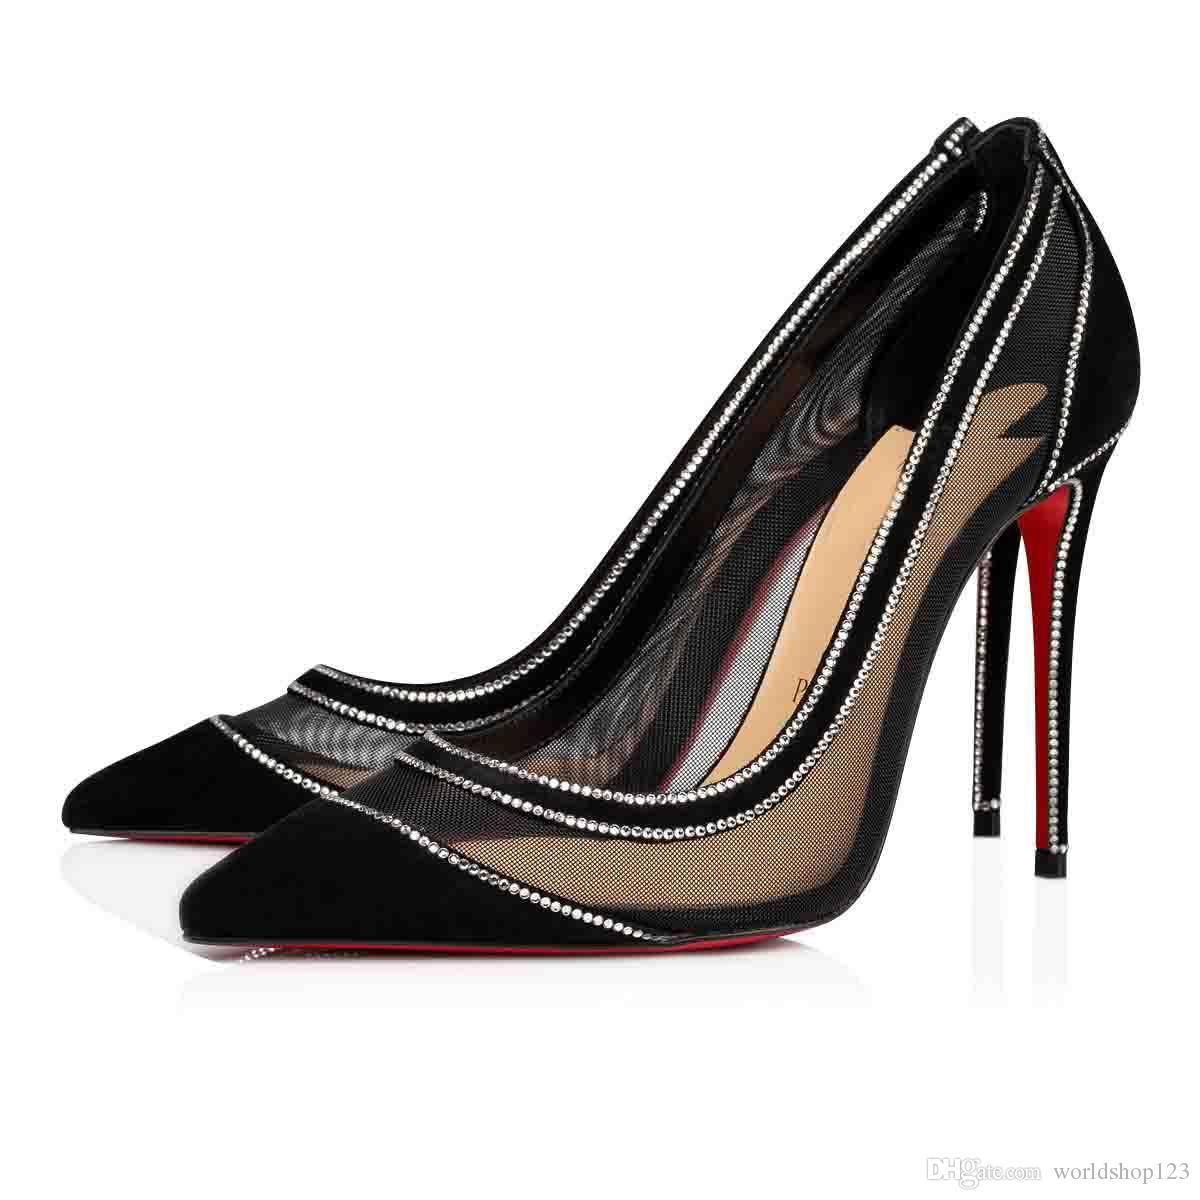 الكعوب العالية مثير سيدة Galativi نوع من الكريستال الأحمر أسفل مضخة حفل زفاف اللباس الأسود عاري المرأة فستان الزفاف أحذية سوبر الجودة EU35-43